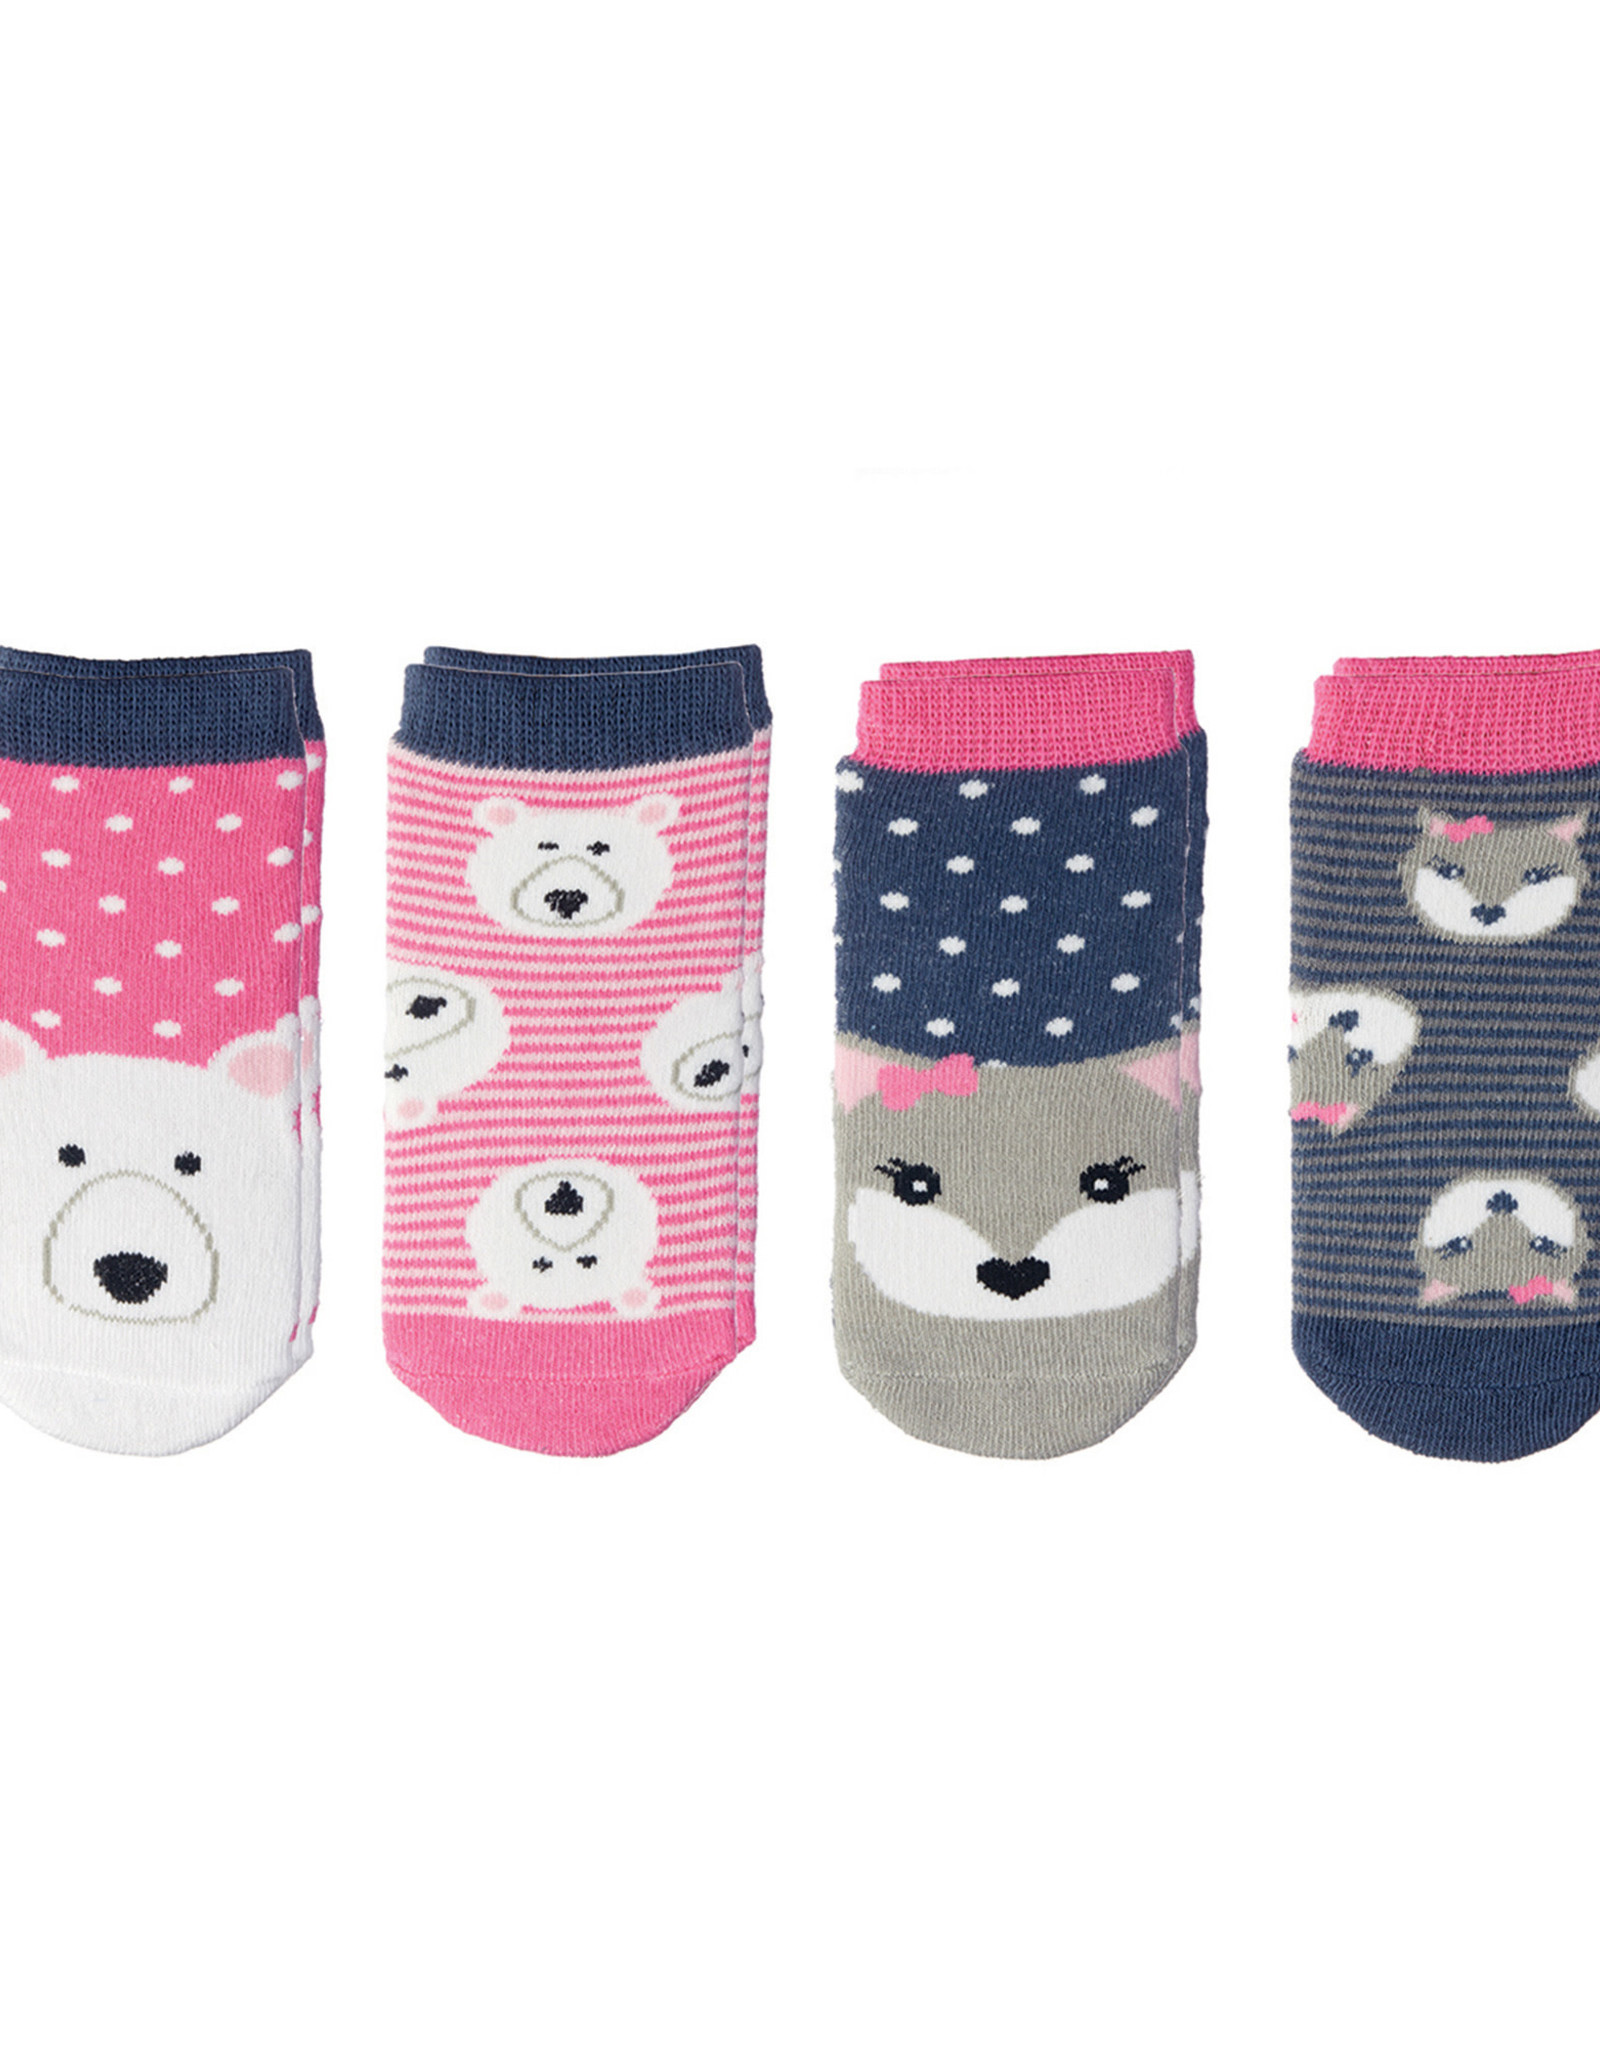 Flapjacks Kids Socks 4 pack